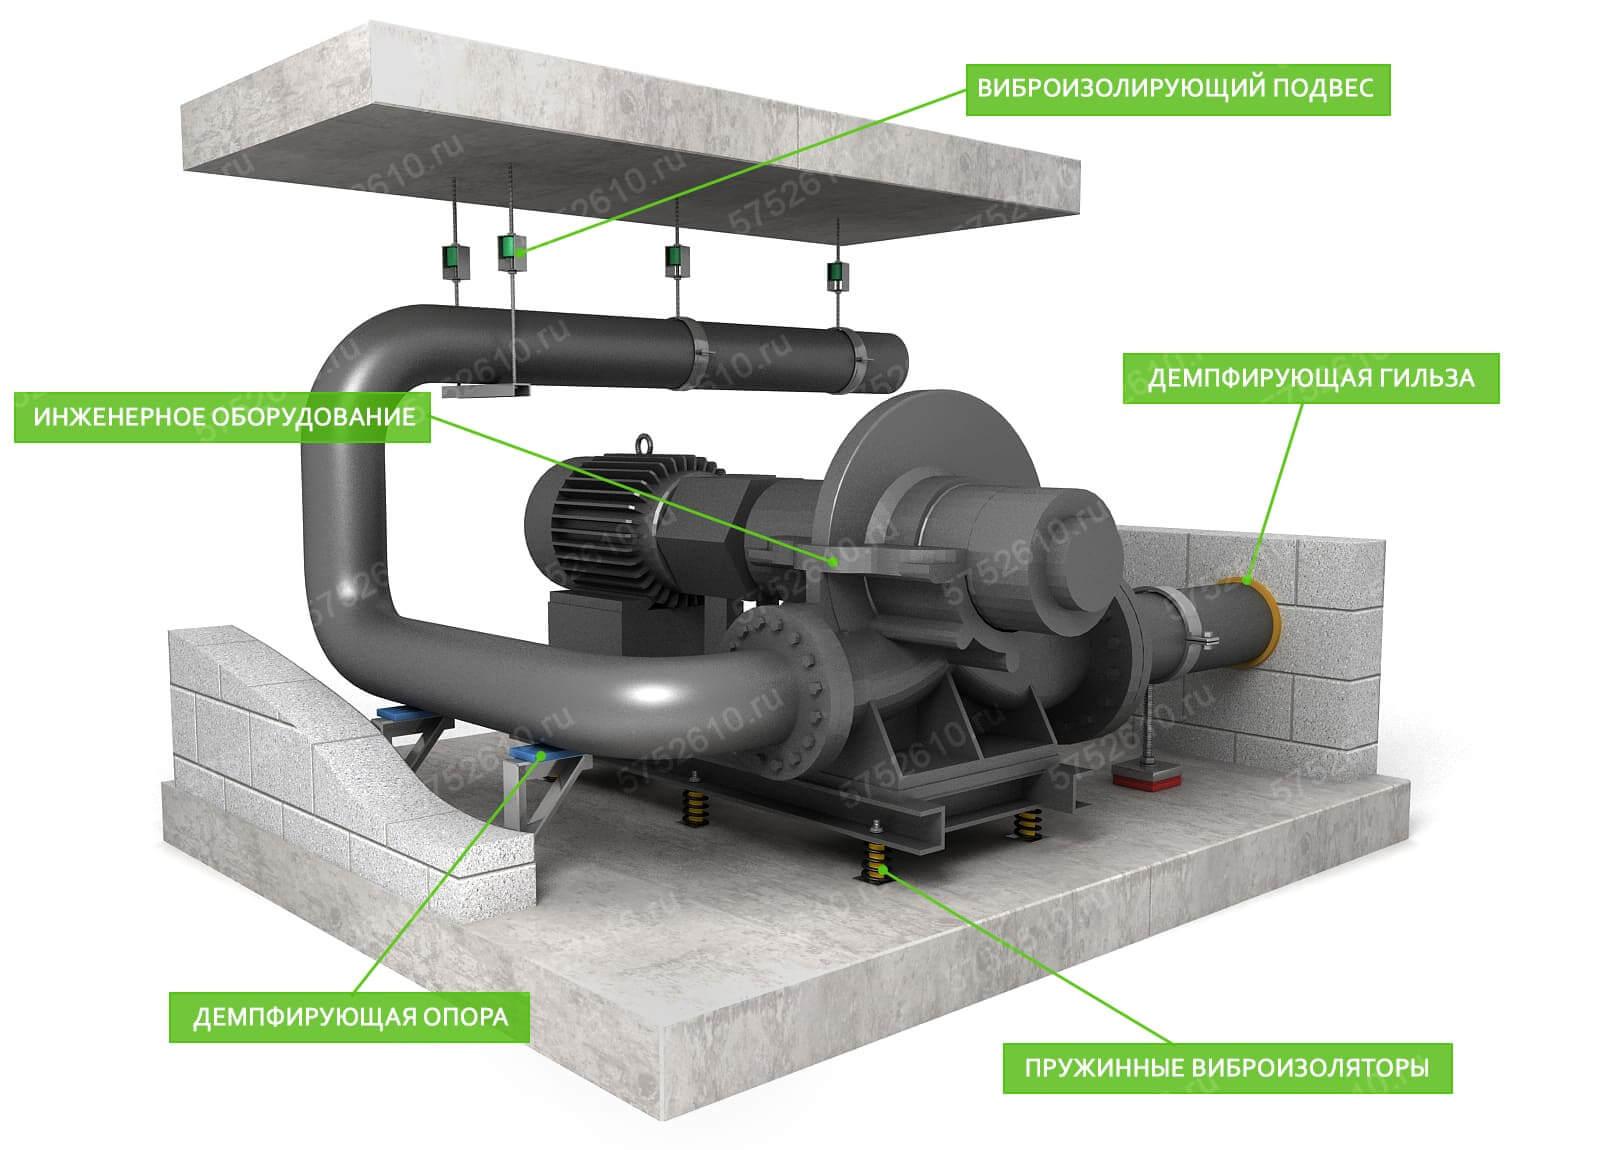 Шумоизоляция оборудования в котельной (ИТП)